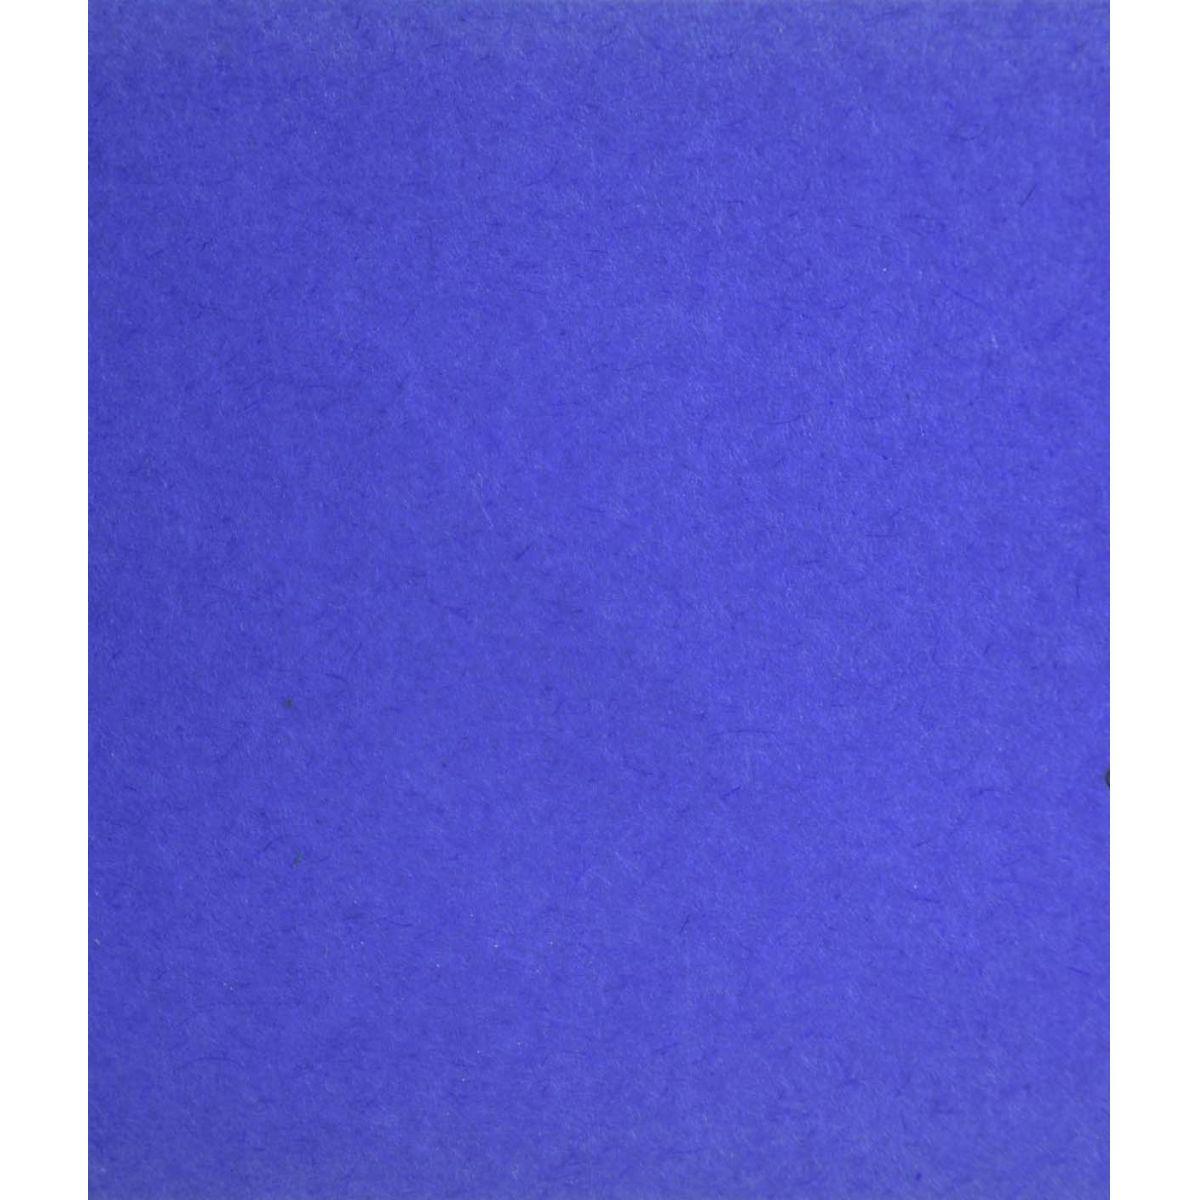 Papel PopSet Infra Violet - 240g